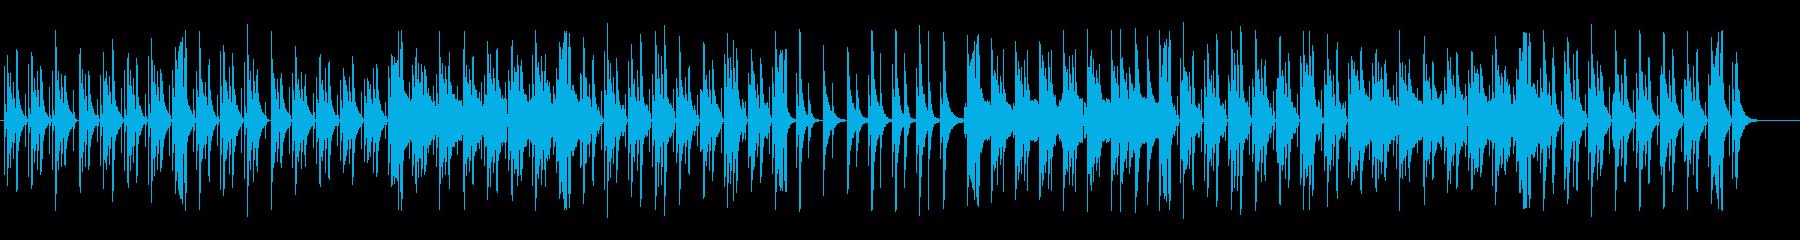 のどかで可愛い木琴フルートポップの再生済みの波形